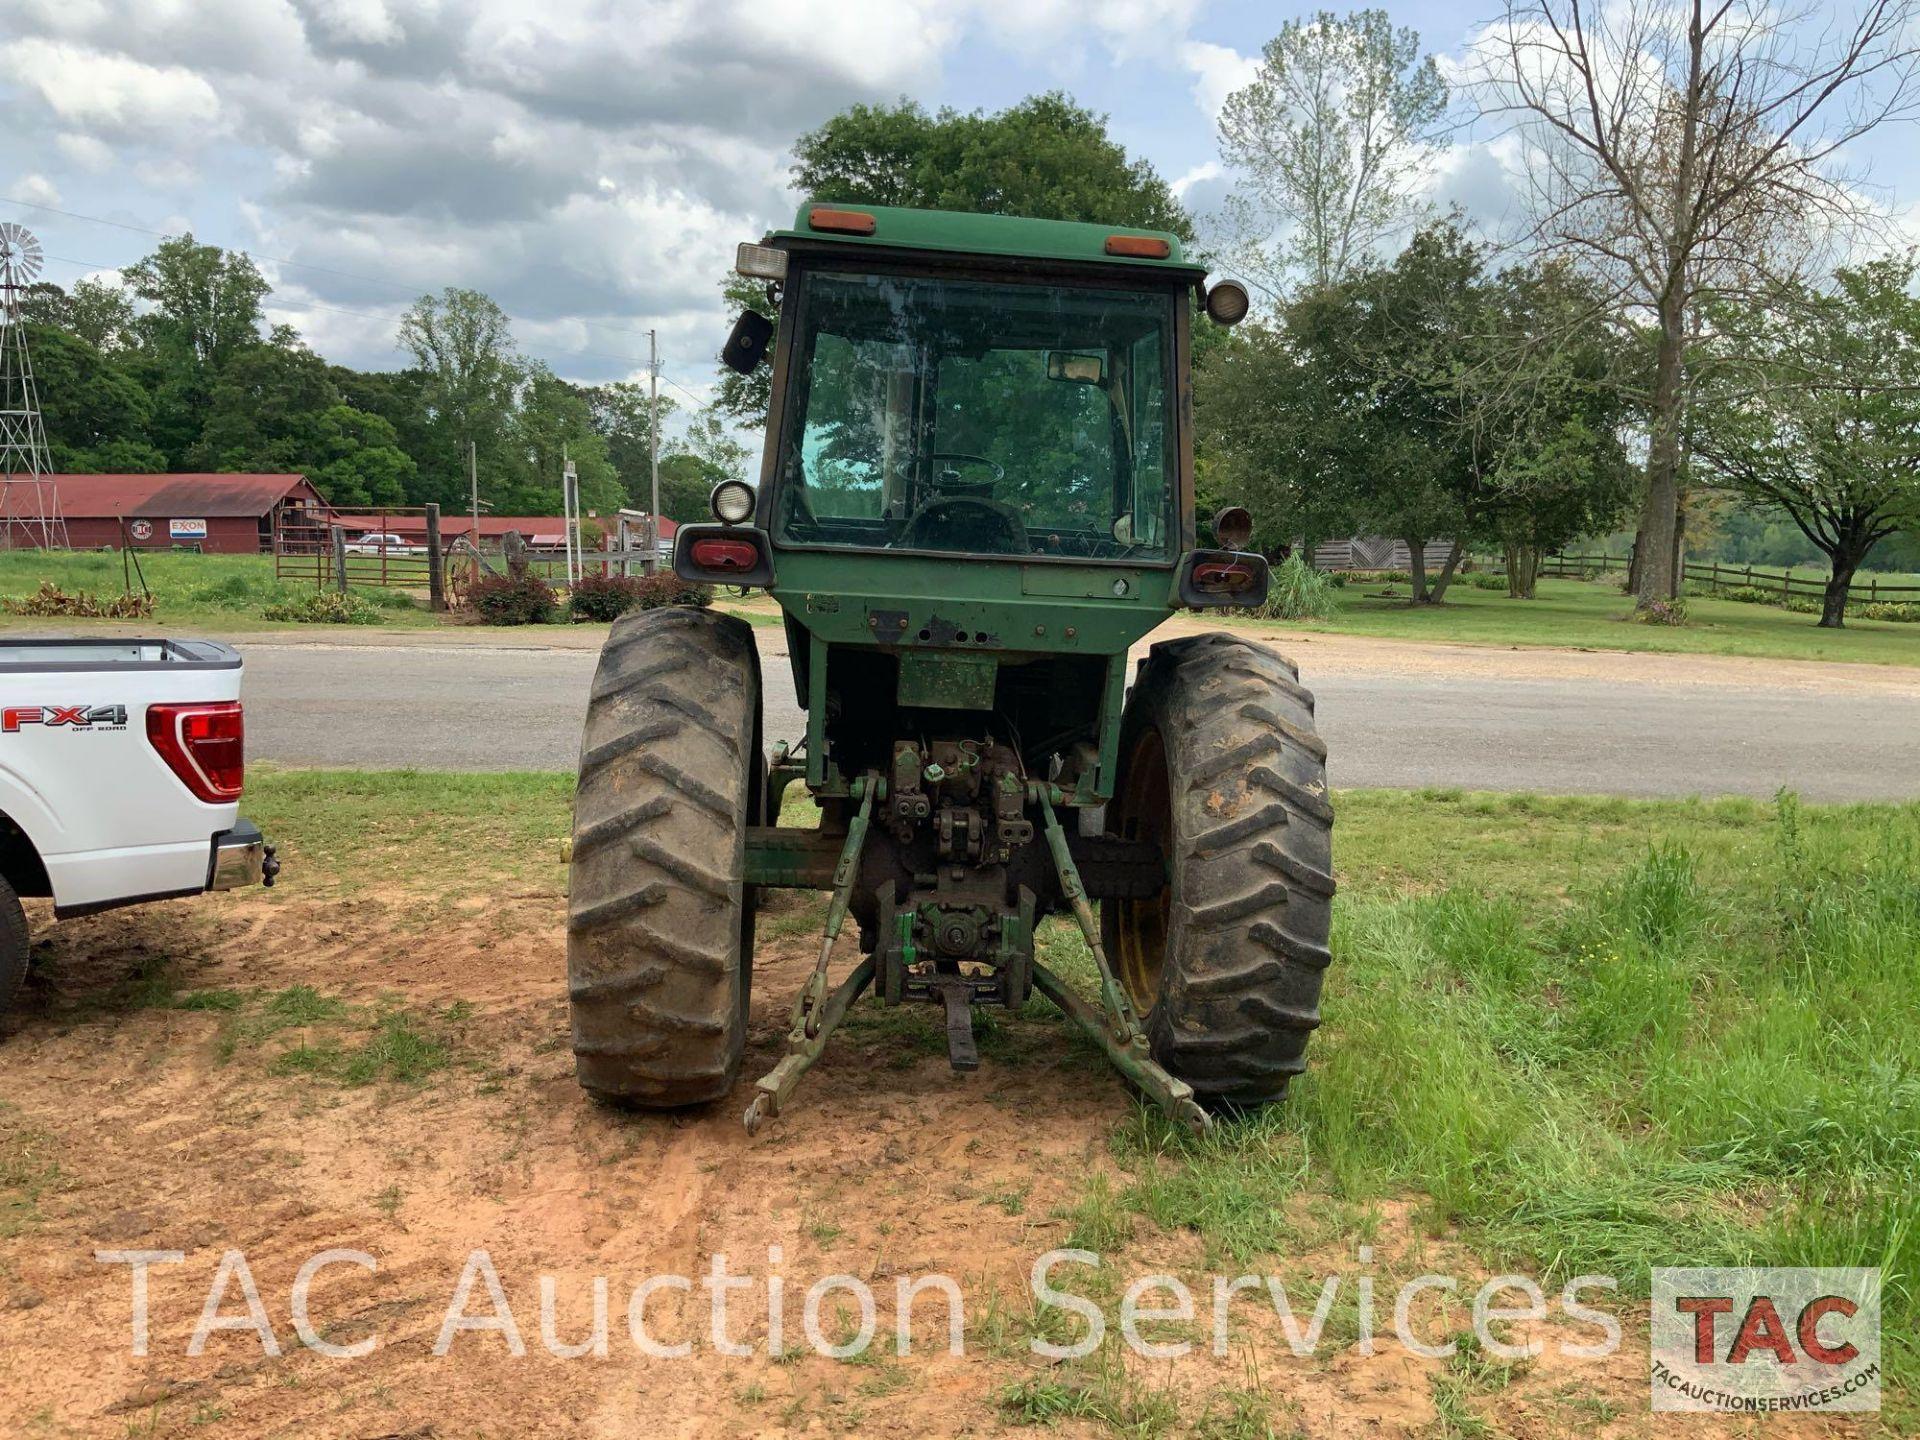 John Deere 4440 Tractor - Image 8 of 31